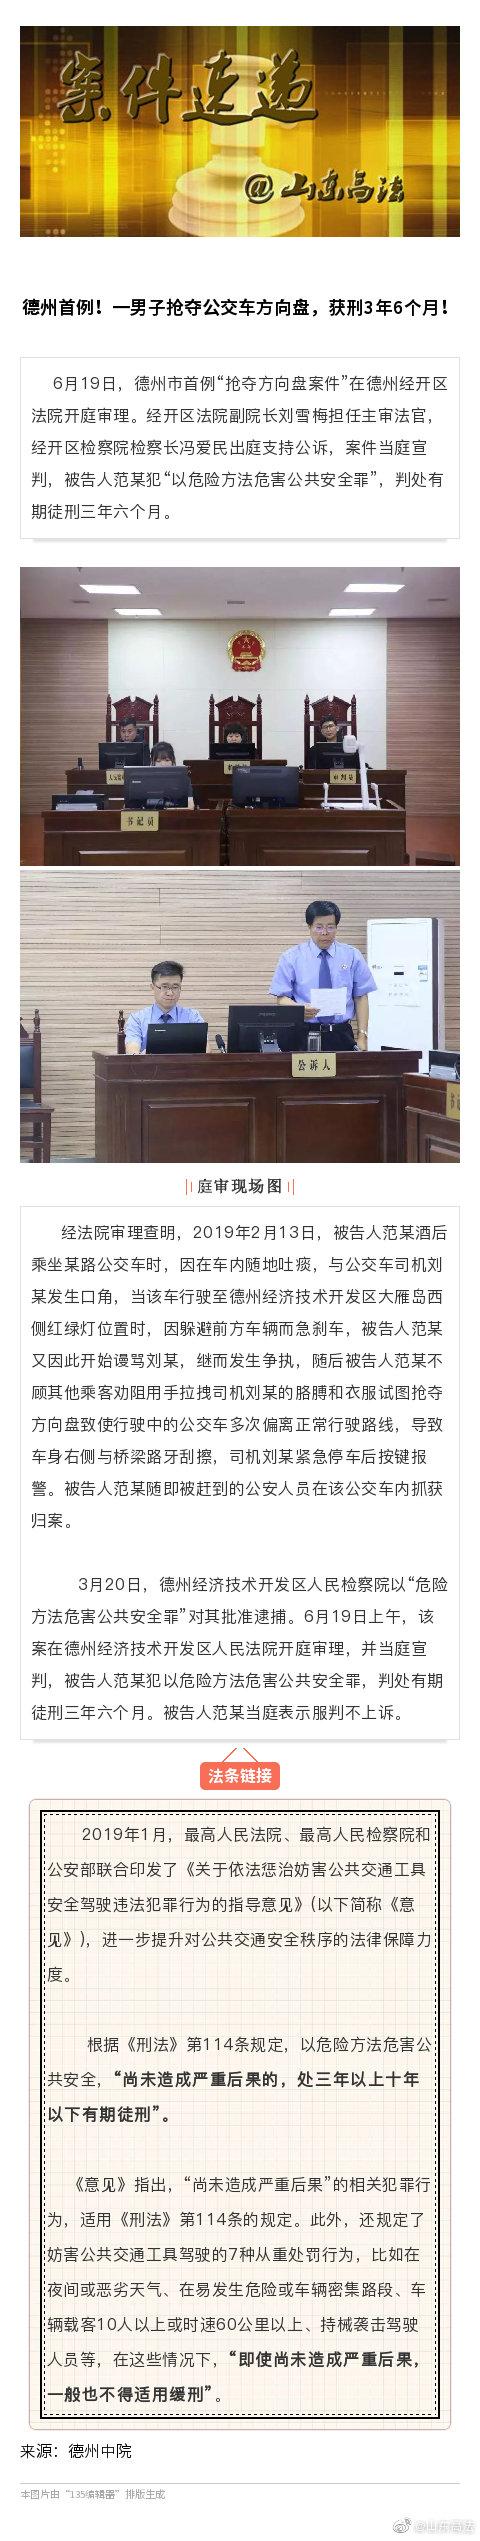 山东又一例!男子酒后抢夺公交车方向盘,获刑3年6个月